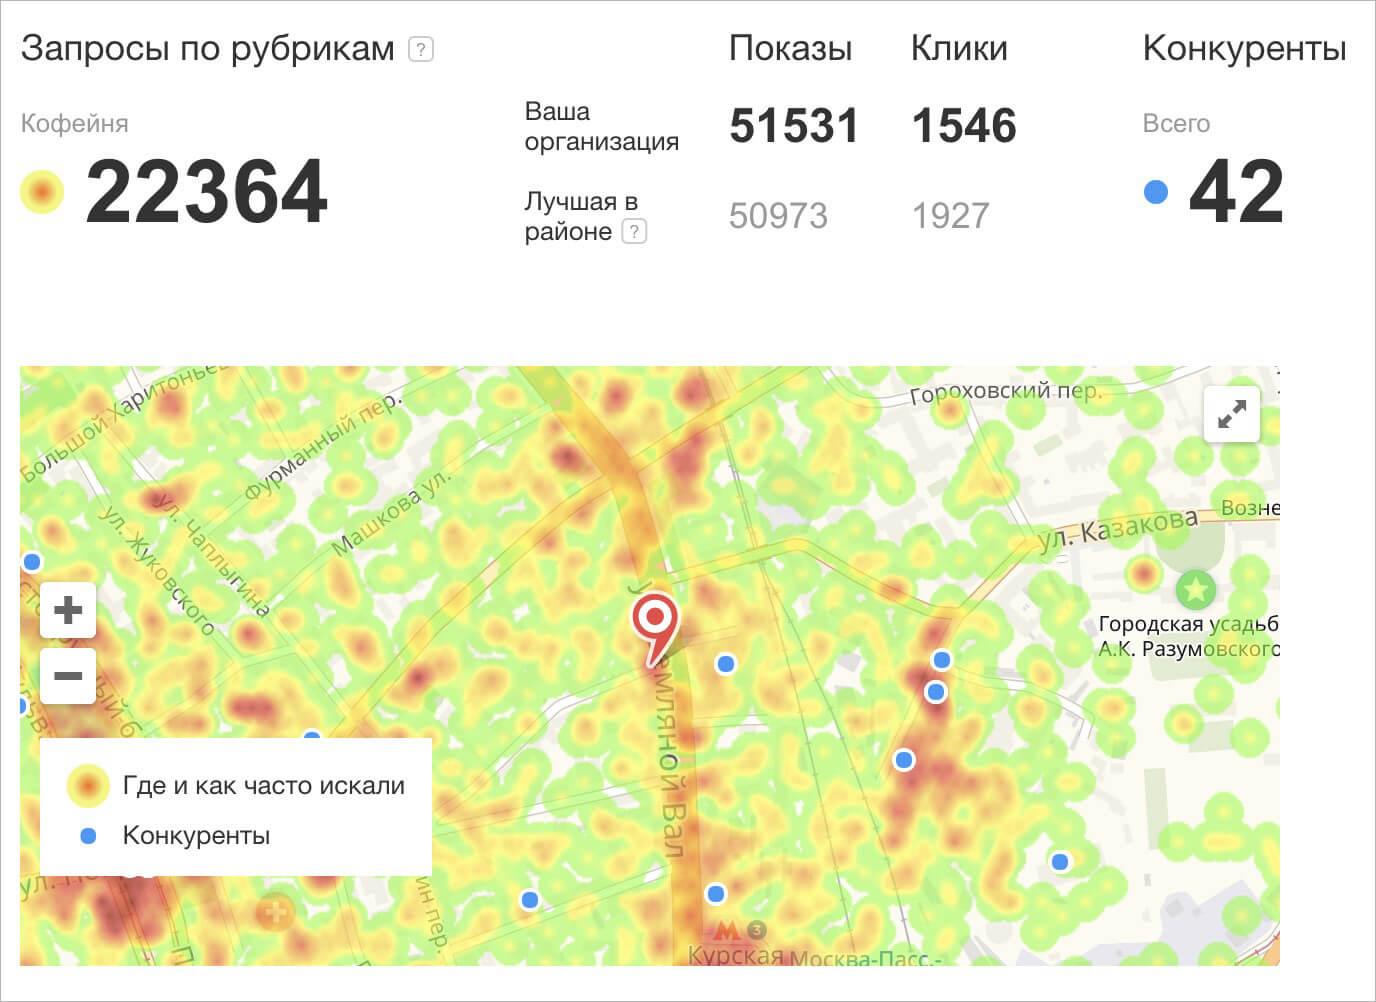 Как сделать размещение в Яндекс.Картах эффективнее и убедиться, что это действительно так